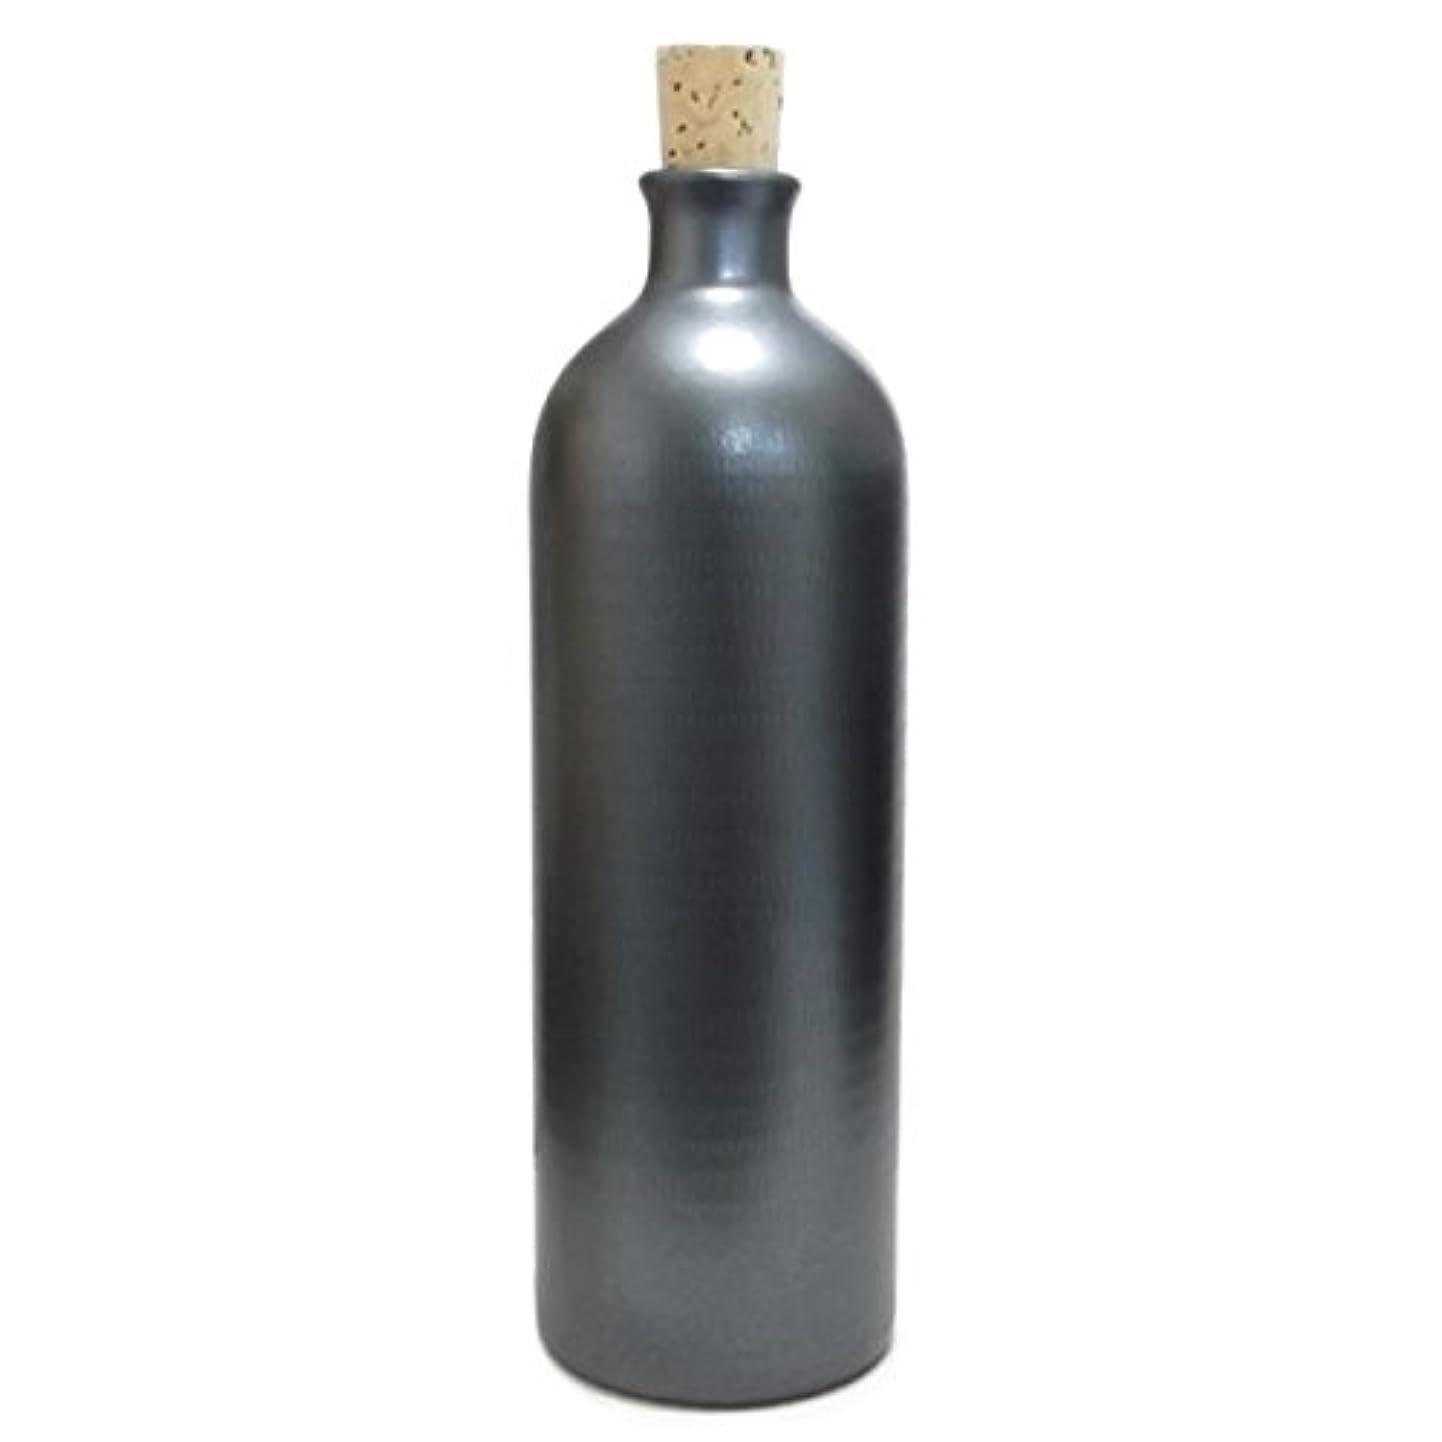 適度な抜本的ななくなる信楽焼き イオン ボトル ブラック ION-4